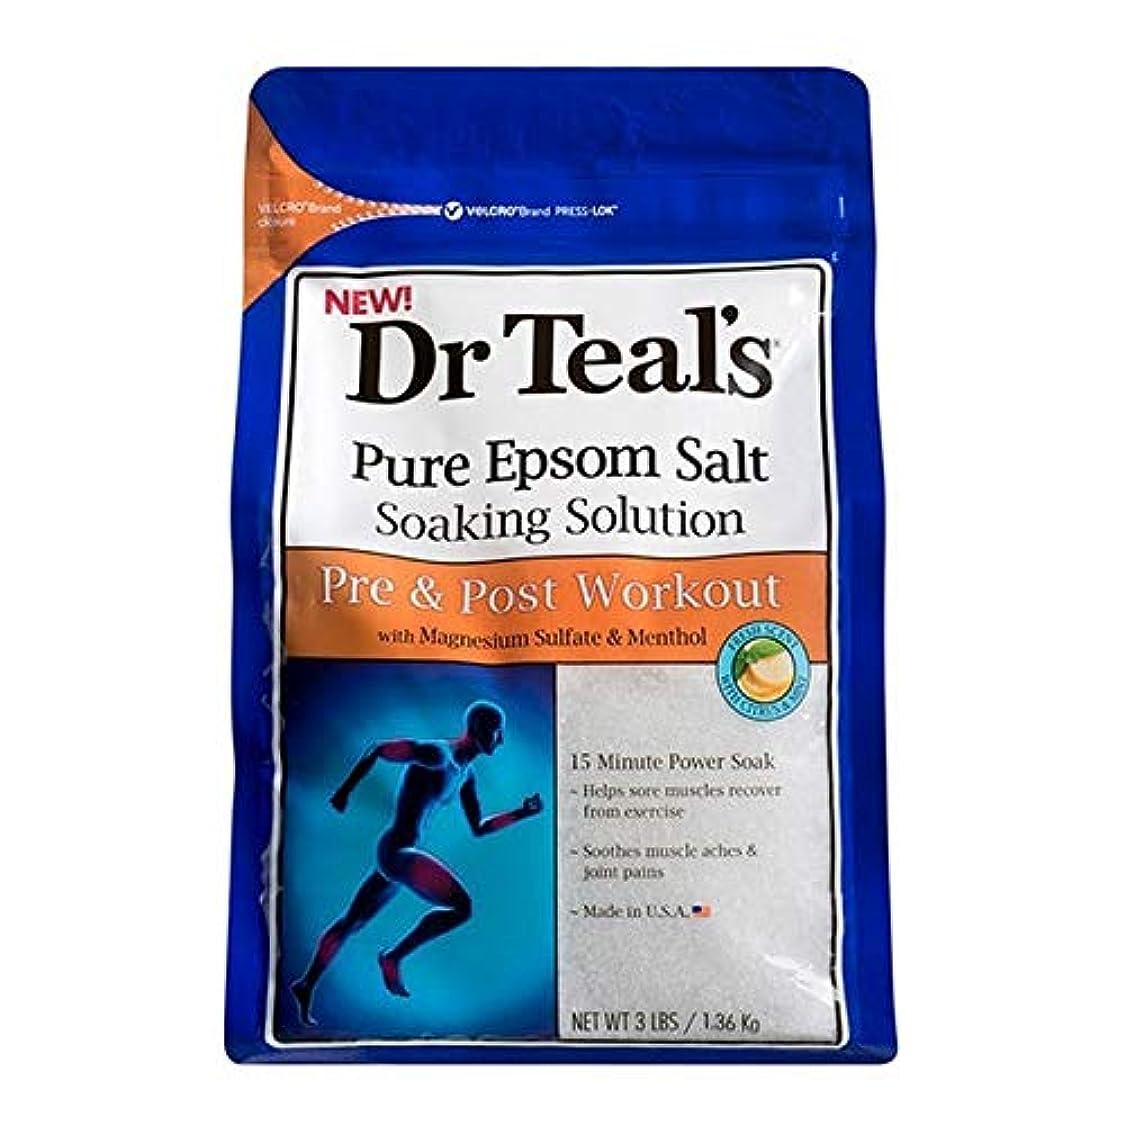 中性穴マント[Dr Teals] Drのティールの均熱Bathsalt前N個のポストワークアウト1.36キロ - Dr Teal's Soaking Bathsalt Pre N Post Workout 1.36 kg [並行輸入品]